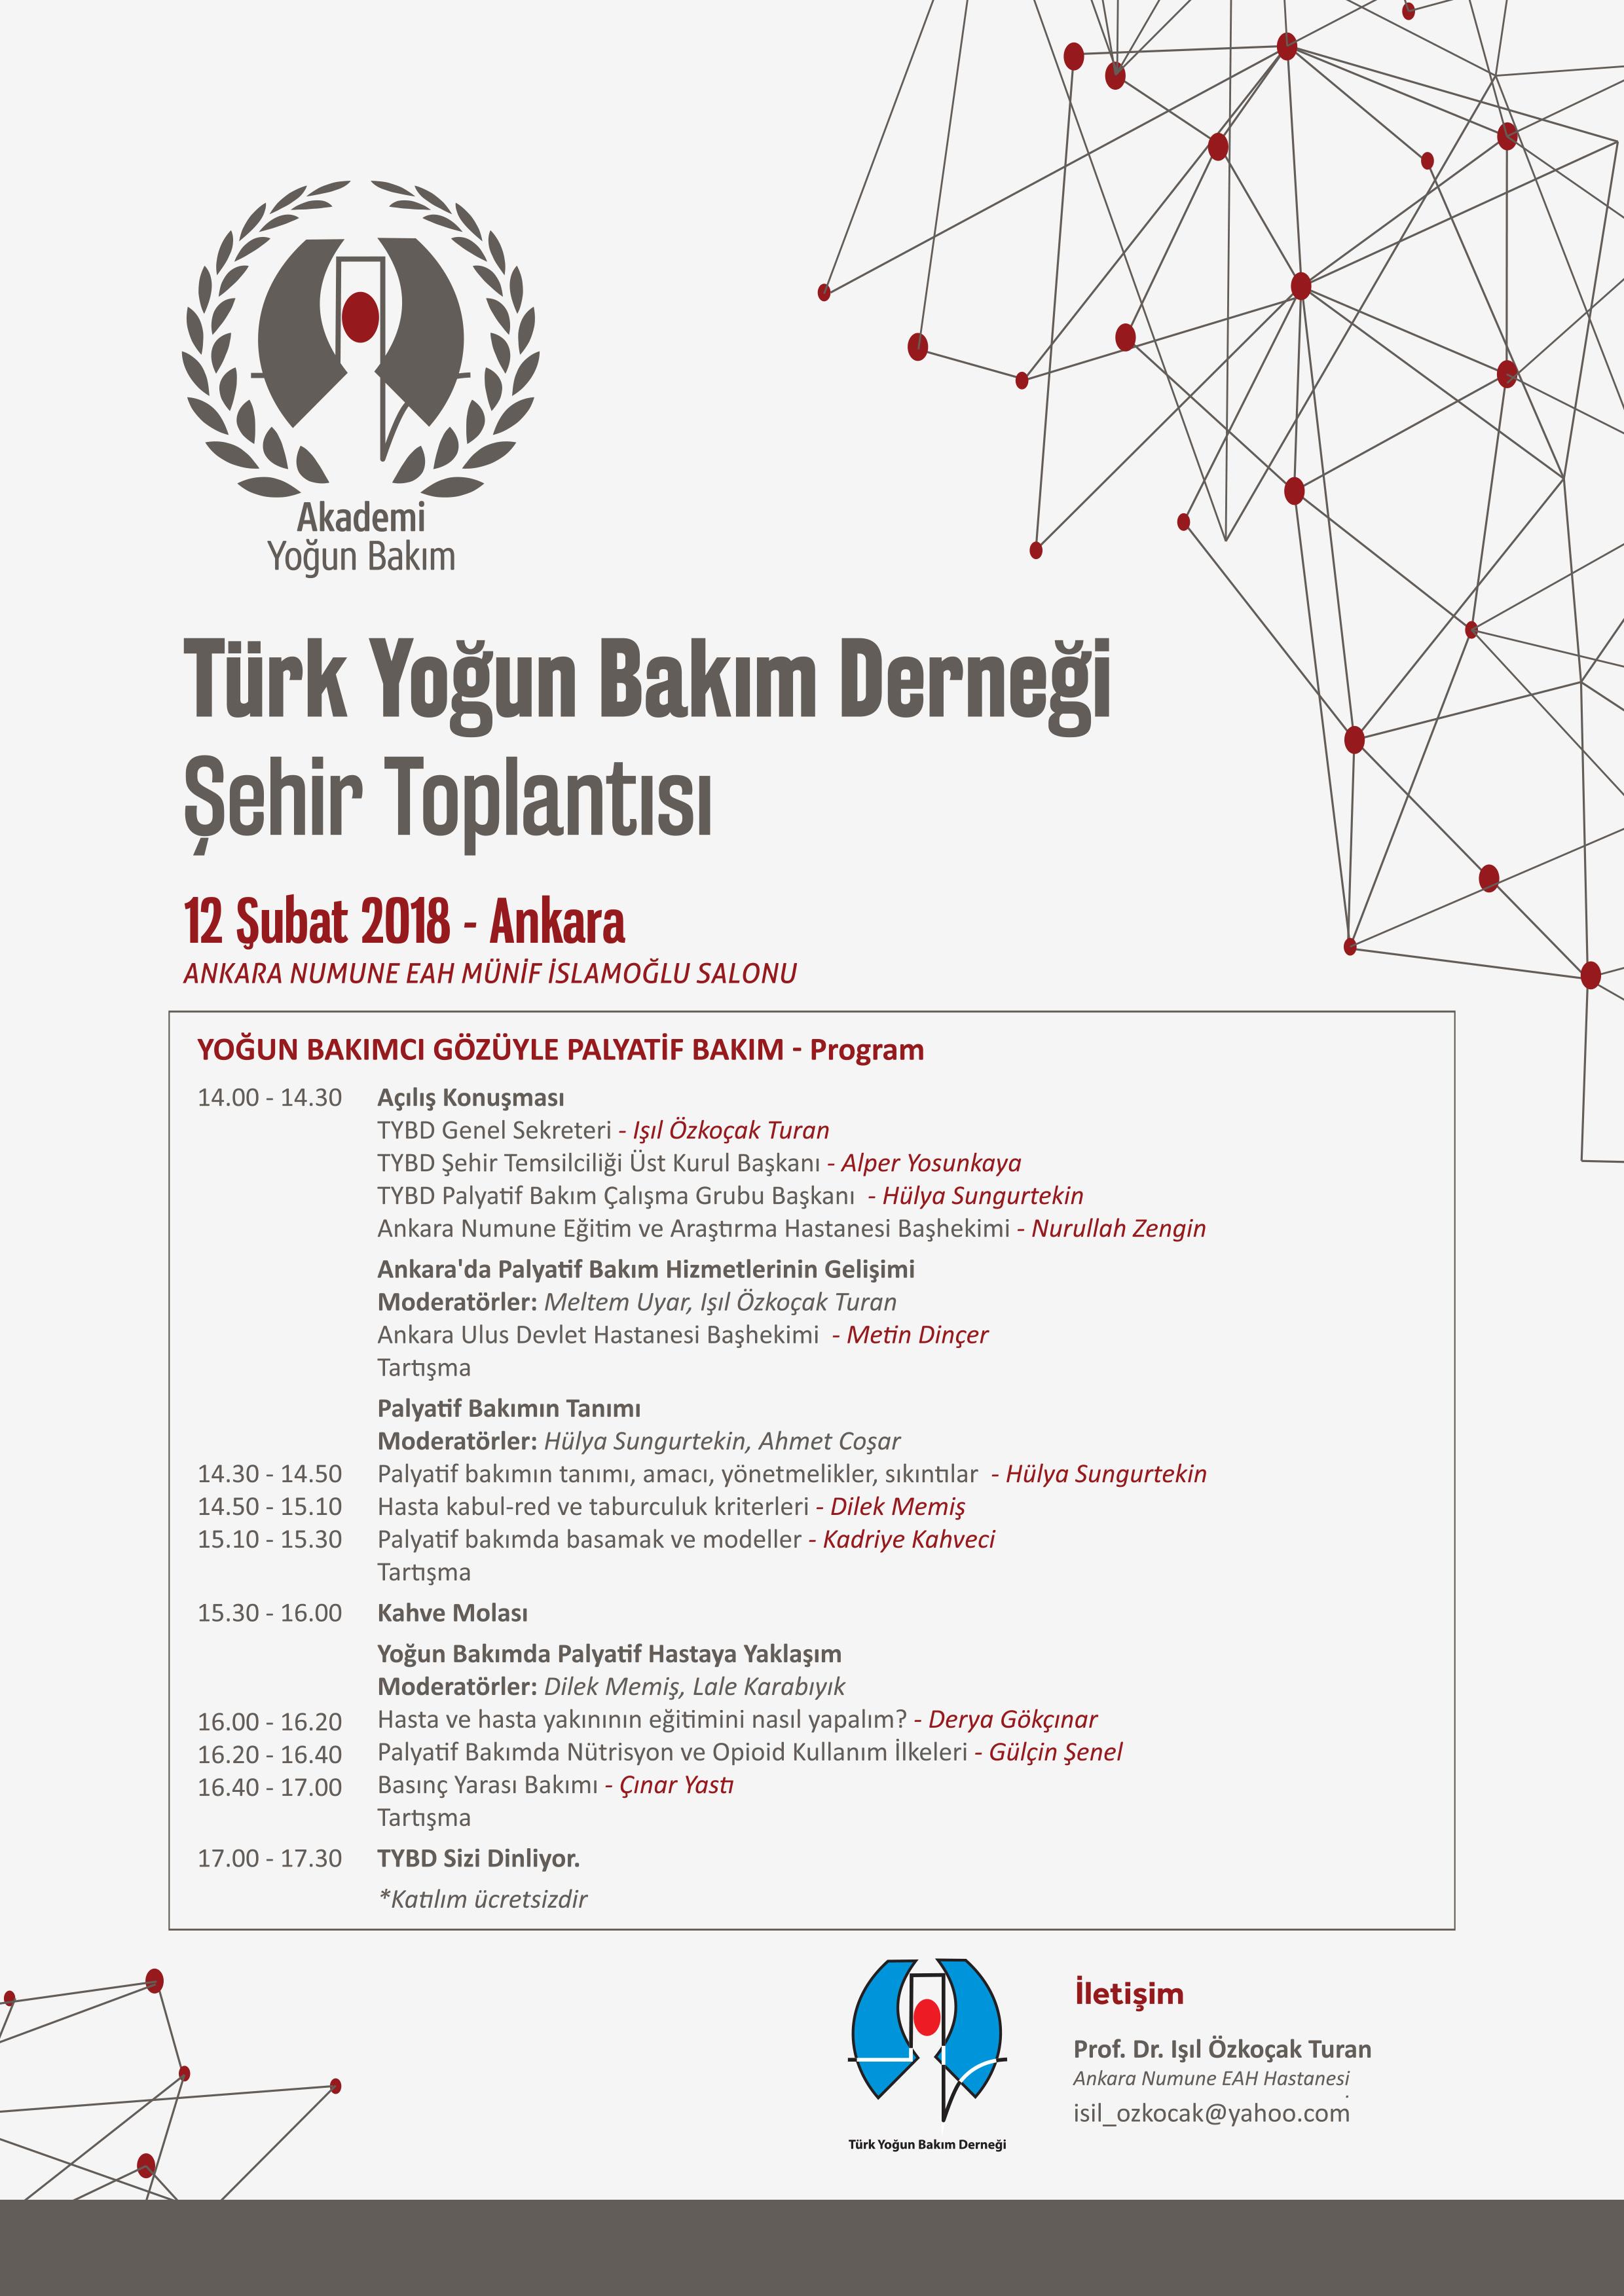 Þehir Toplantýsý Ankara